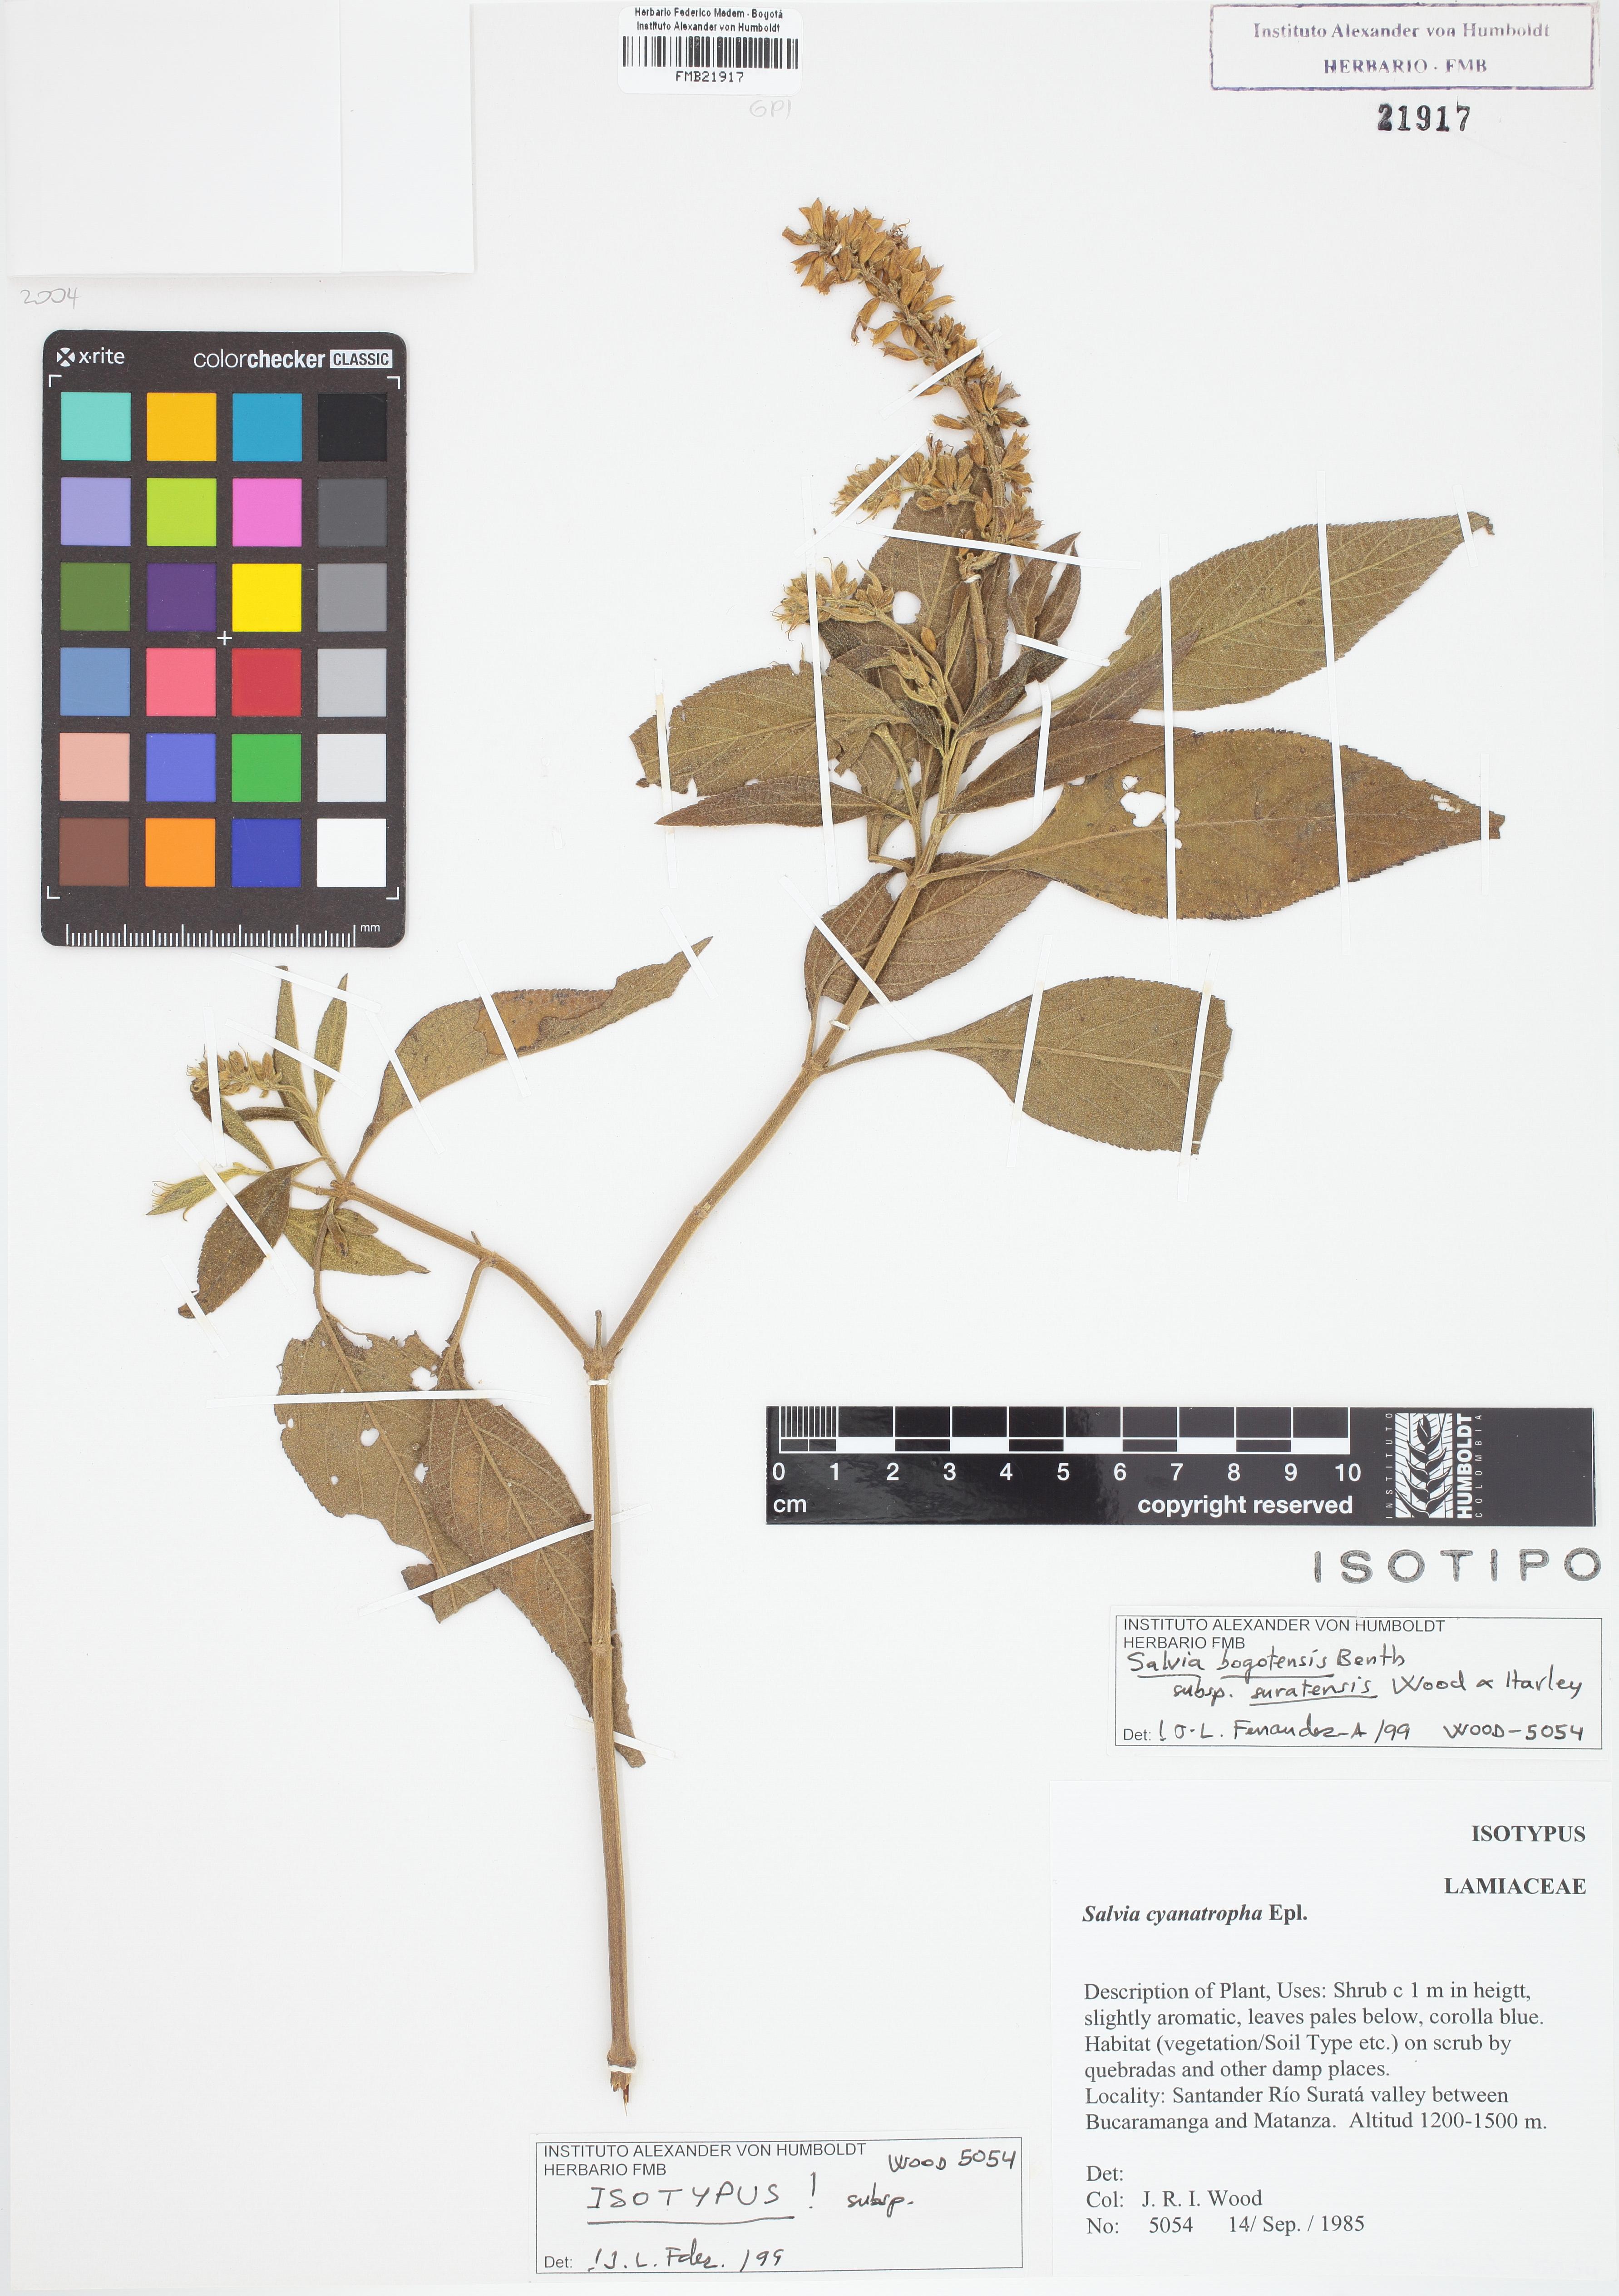 Isotipo de <em>Salvia bogotensis</em> subsp. <em>suratensis</em>, FMB-21917, Fotografía por Robles A.